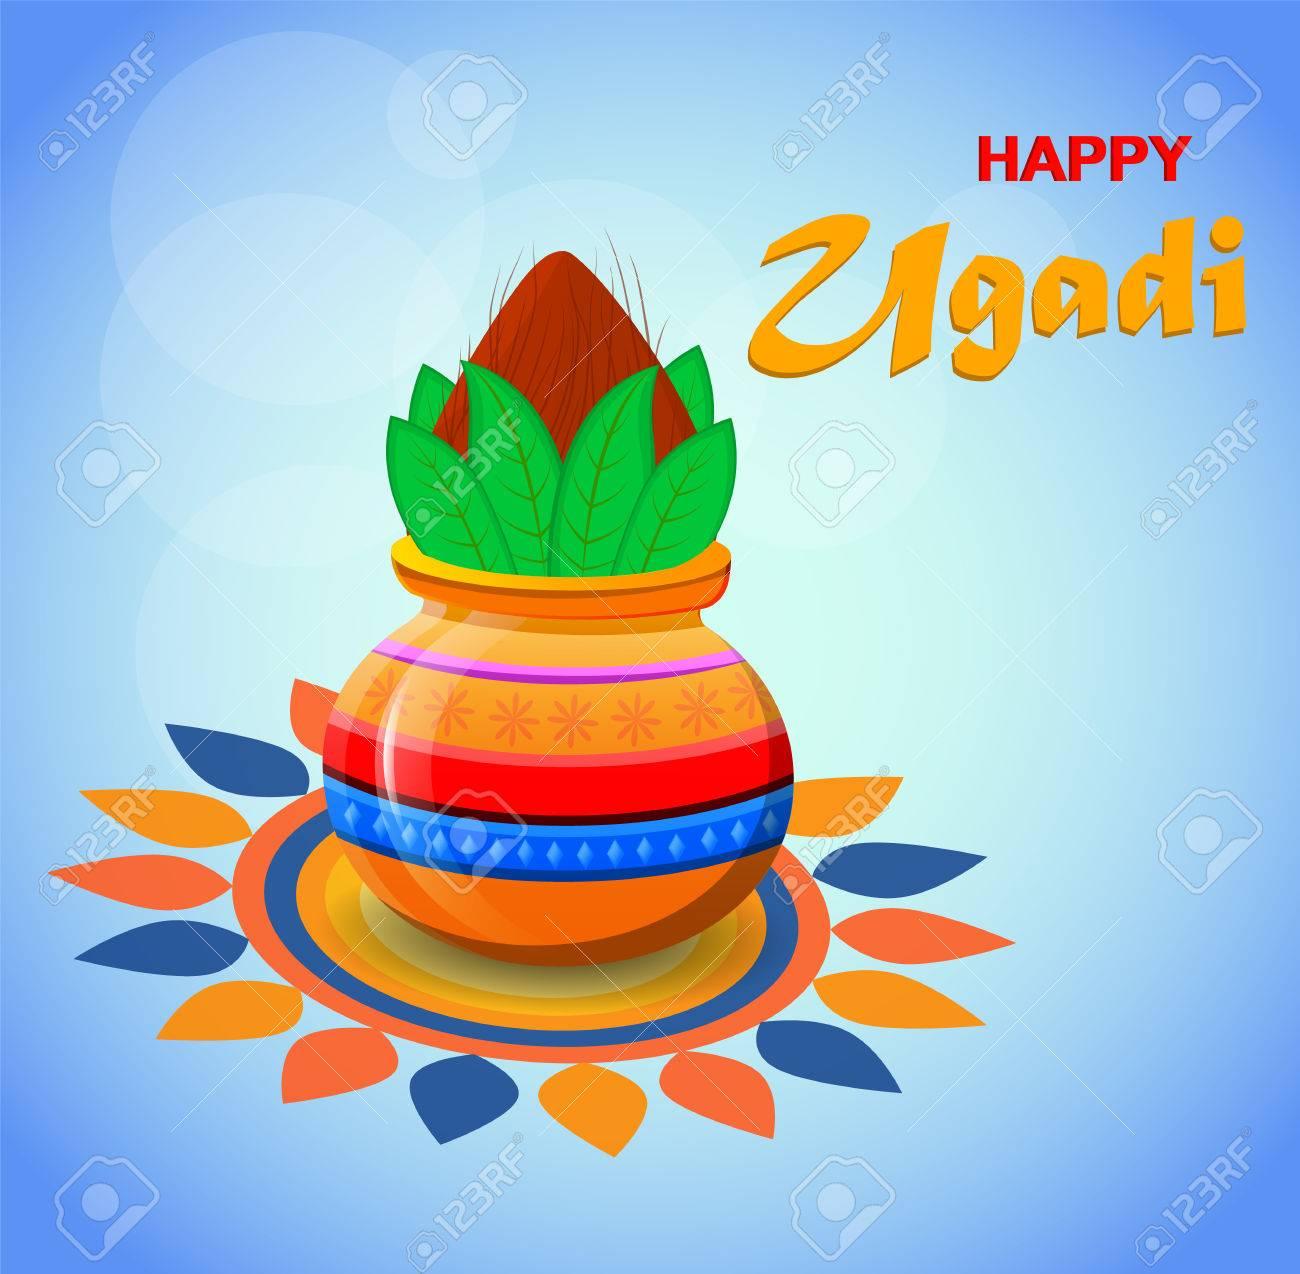 Feliz Año Nuevo Hindú Ugadi Y Gudi Padwa Tarjeta De Felicitación Para Vacaciones Pote Coloreado Con El Coco En Fondo Borroso Azul Claro Hermoso